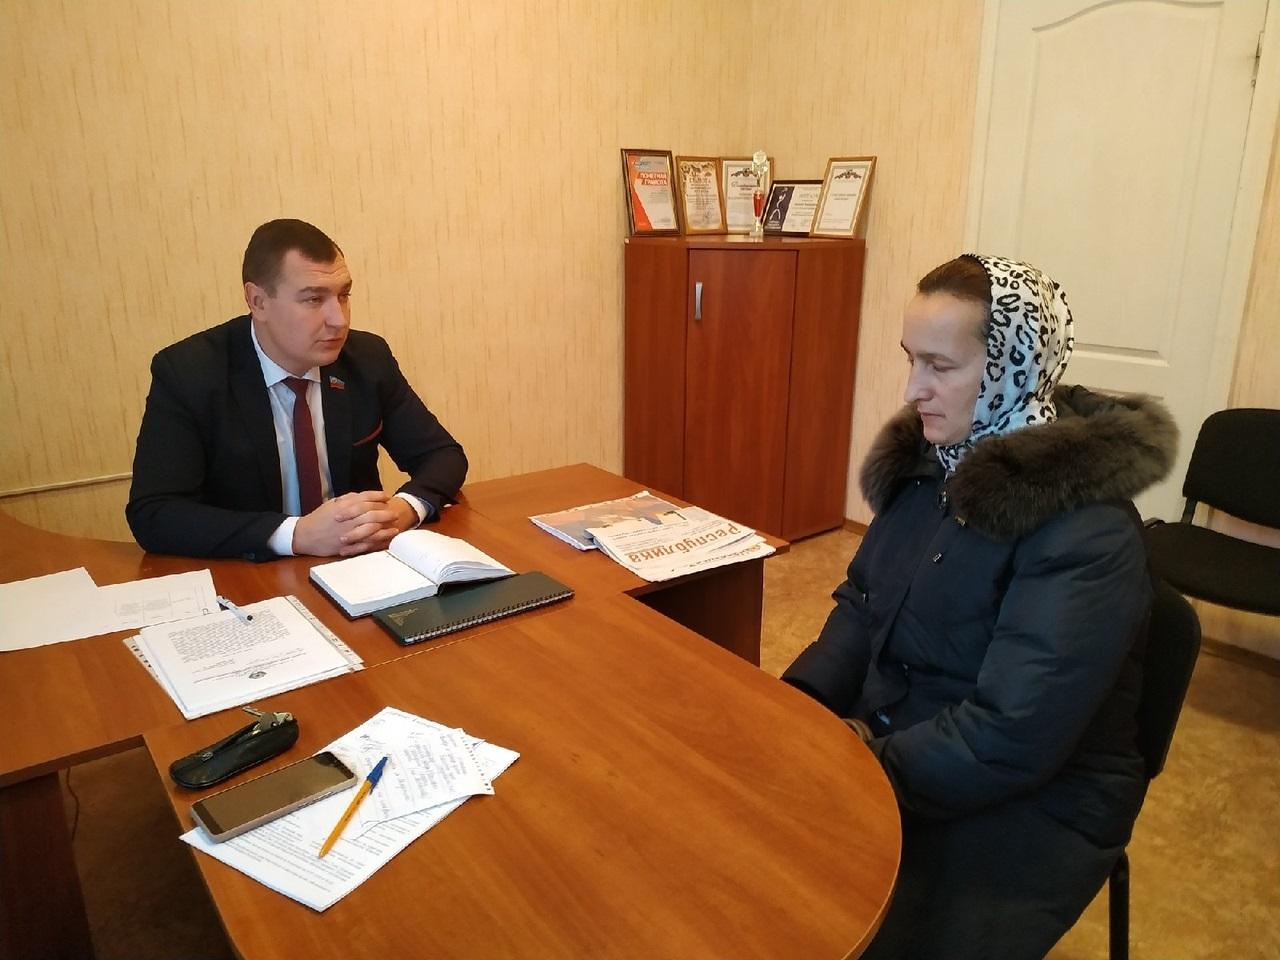 Жители встретились с депутатом Народного Совета ЛНР Владимиром Поляковым в Перевальске 1